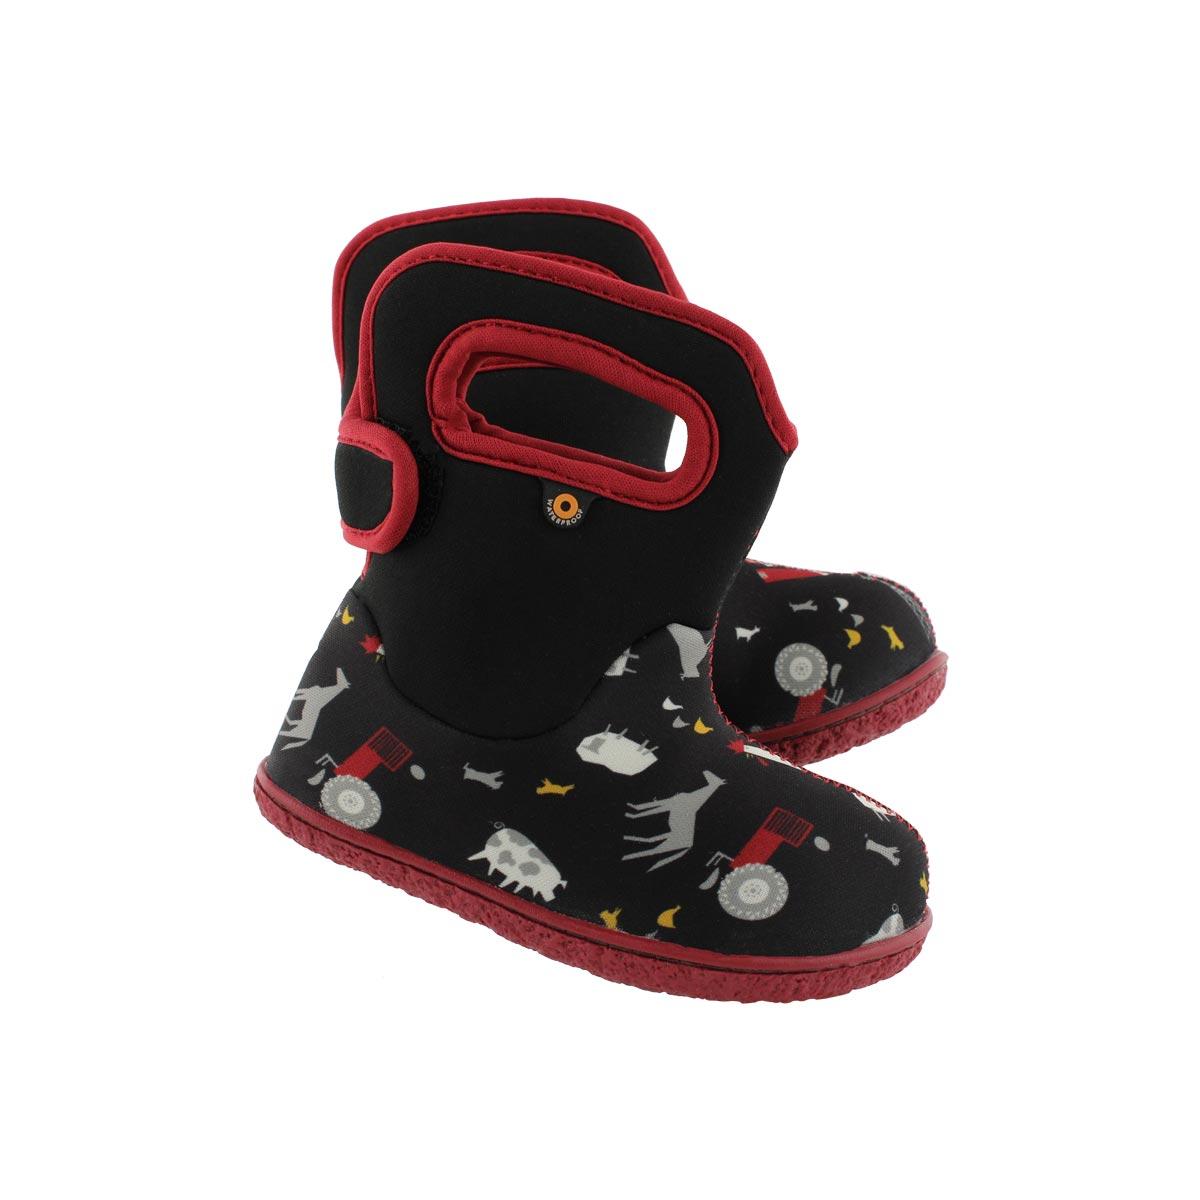 Inf-b Farm black multi wtpf boot